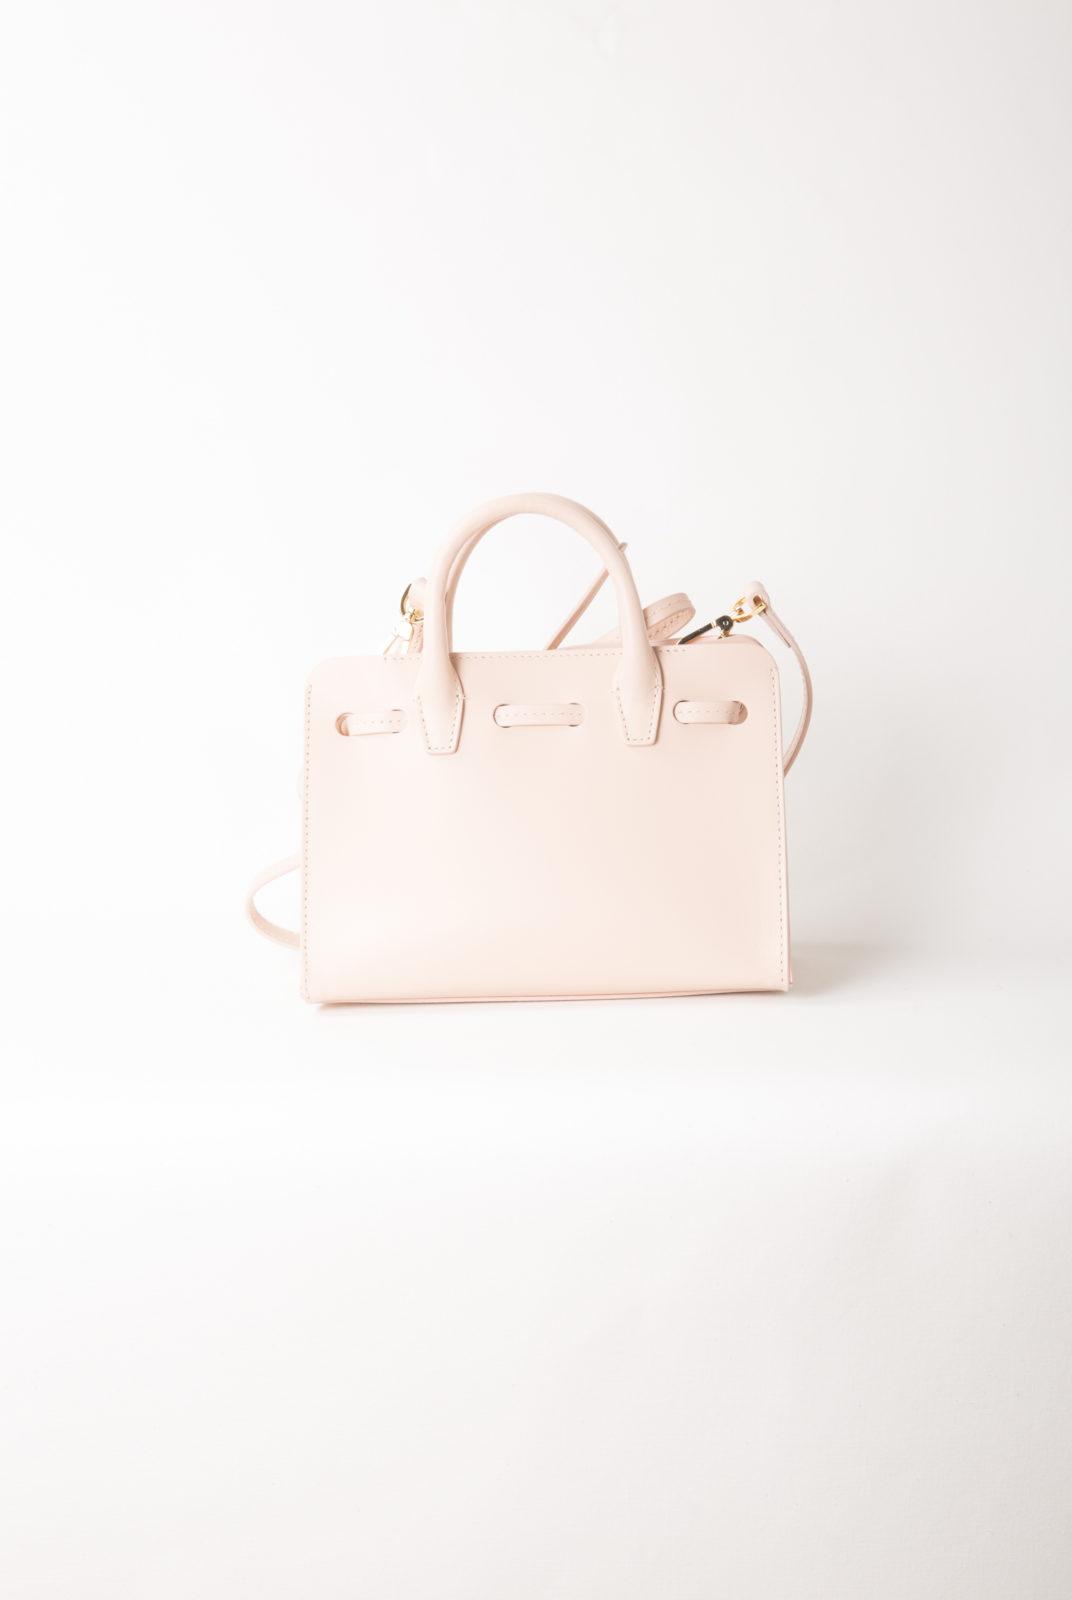 Mini sac de soleil mini rose italien en cuir de veau rose clair avec intérieur verni mat rose clair. Poche latérale intérieure et bandoulière réglable détachable. Fabriqué en Italie.